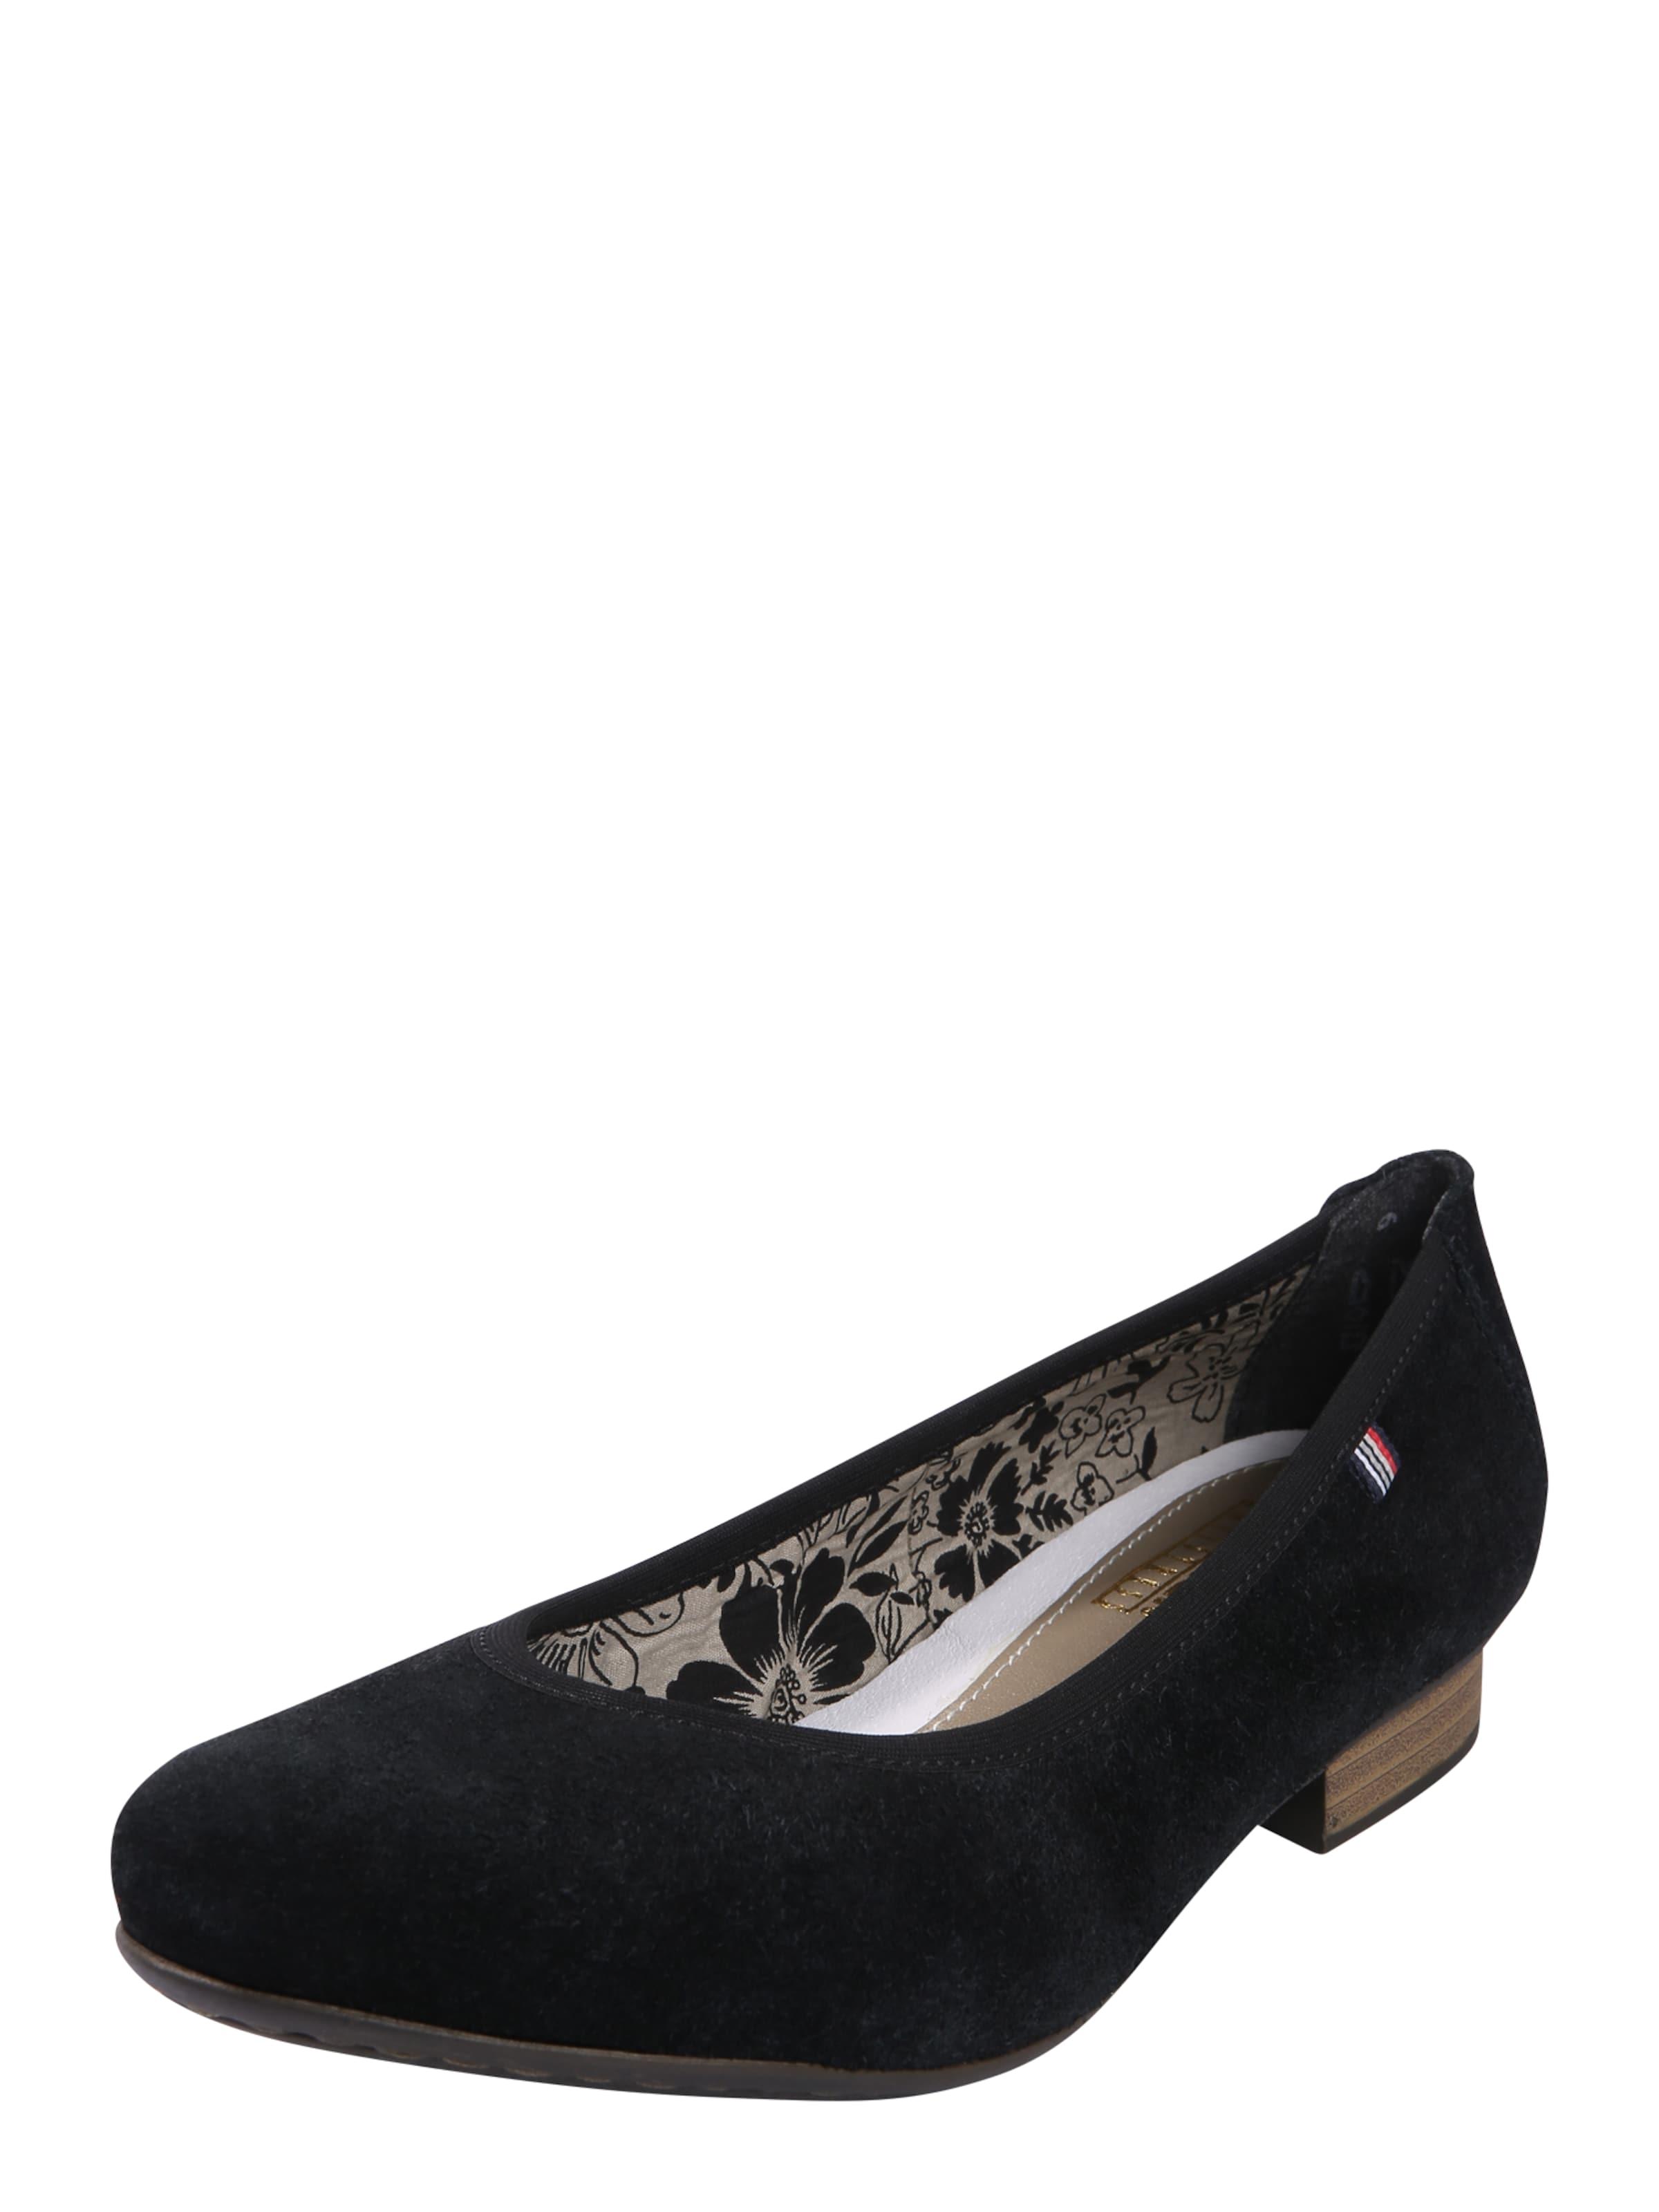 RIEKER Ballerinas mit Rauleder Verschleißfeste billige Schuhe